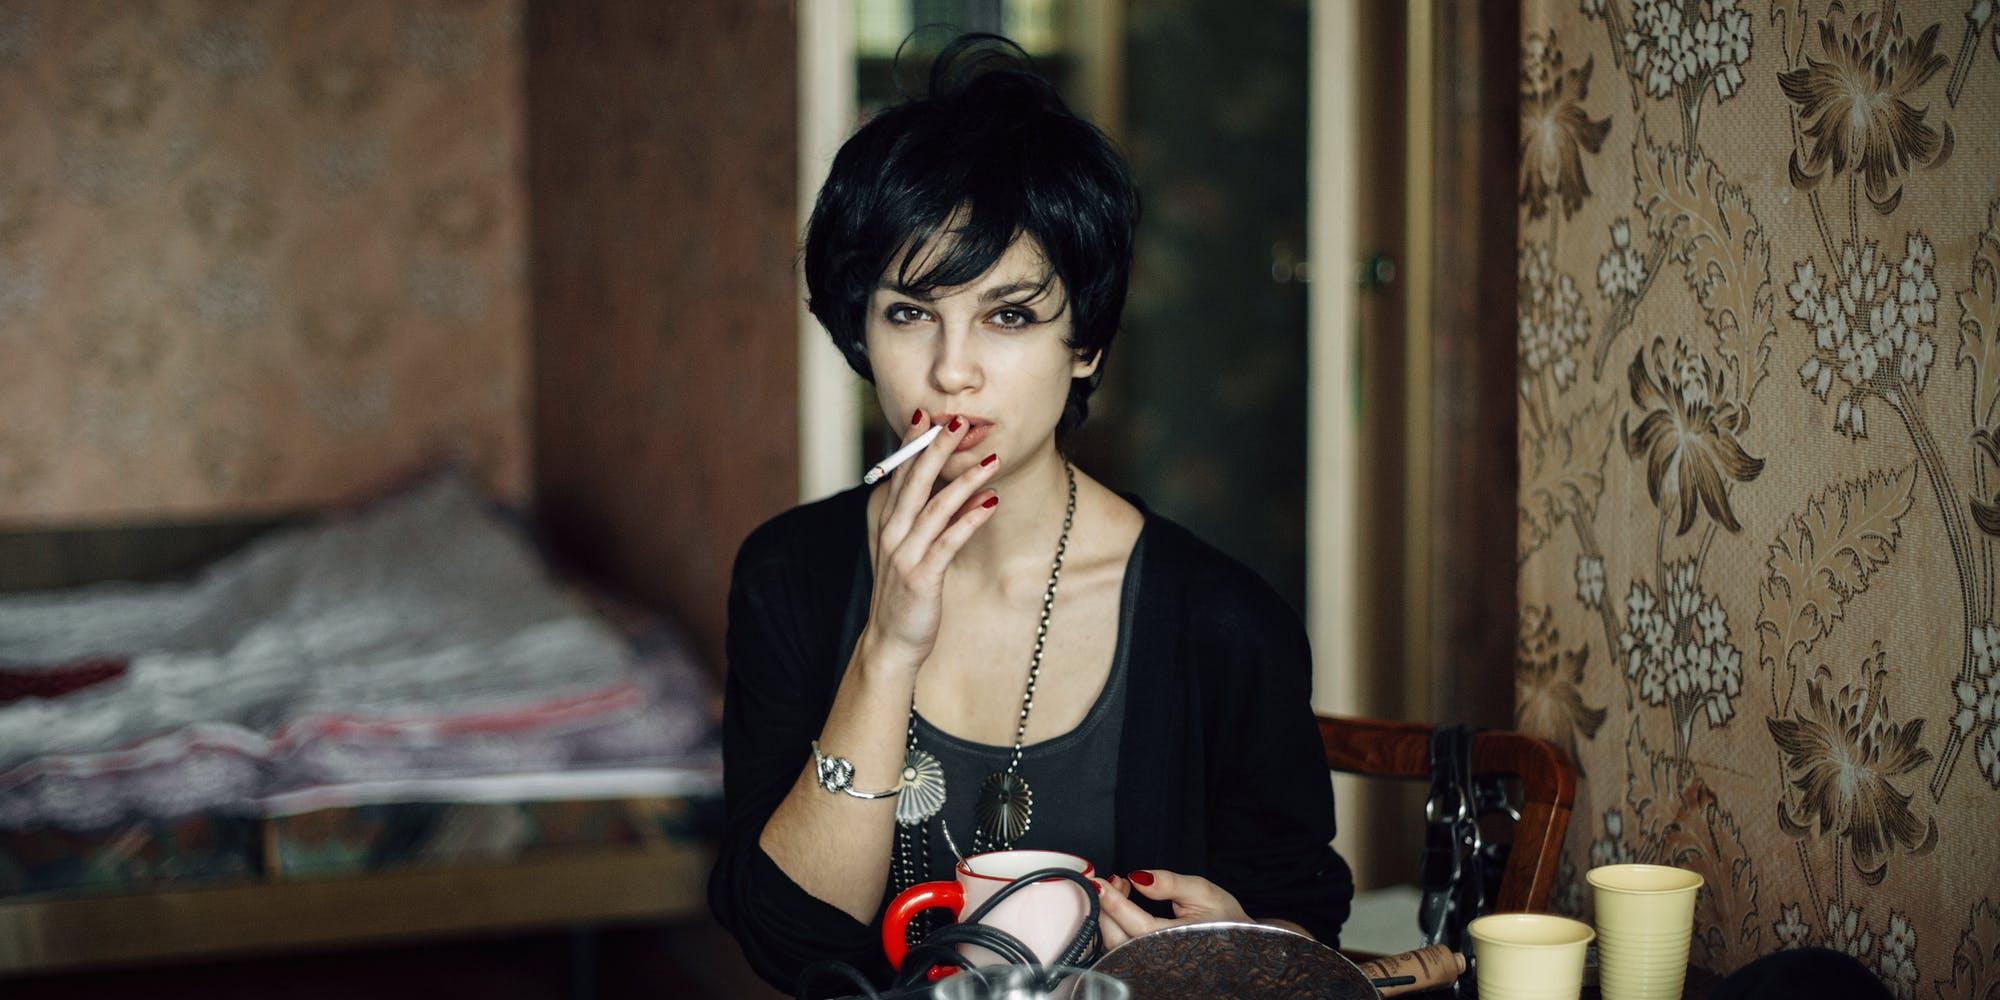 Studi: Wanita Merokok Lebih Sedikit Tapi Lebih Banyak Rokok